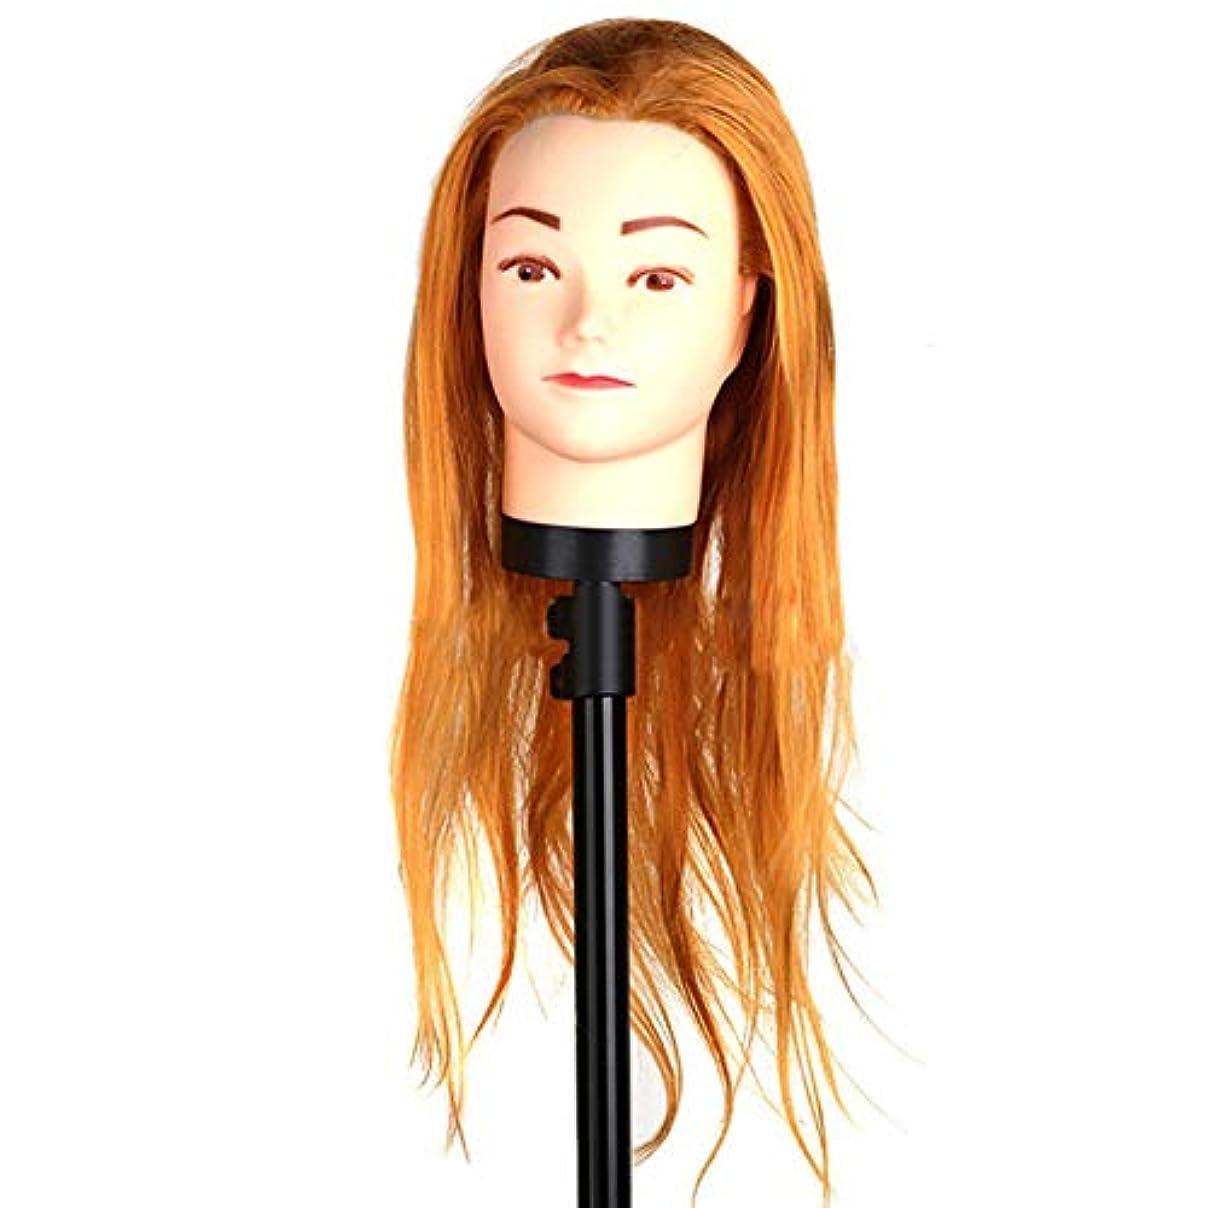 コモランマ膨張する円周高温繊維かつらヘッドモールドメイクヘアスタイリングヘッドヘアーサロントレーニング学習ヘアカットデュアルユースダミー人間の頭